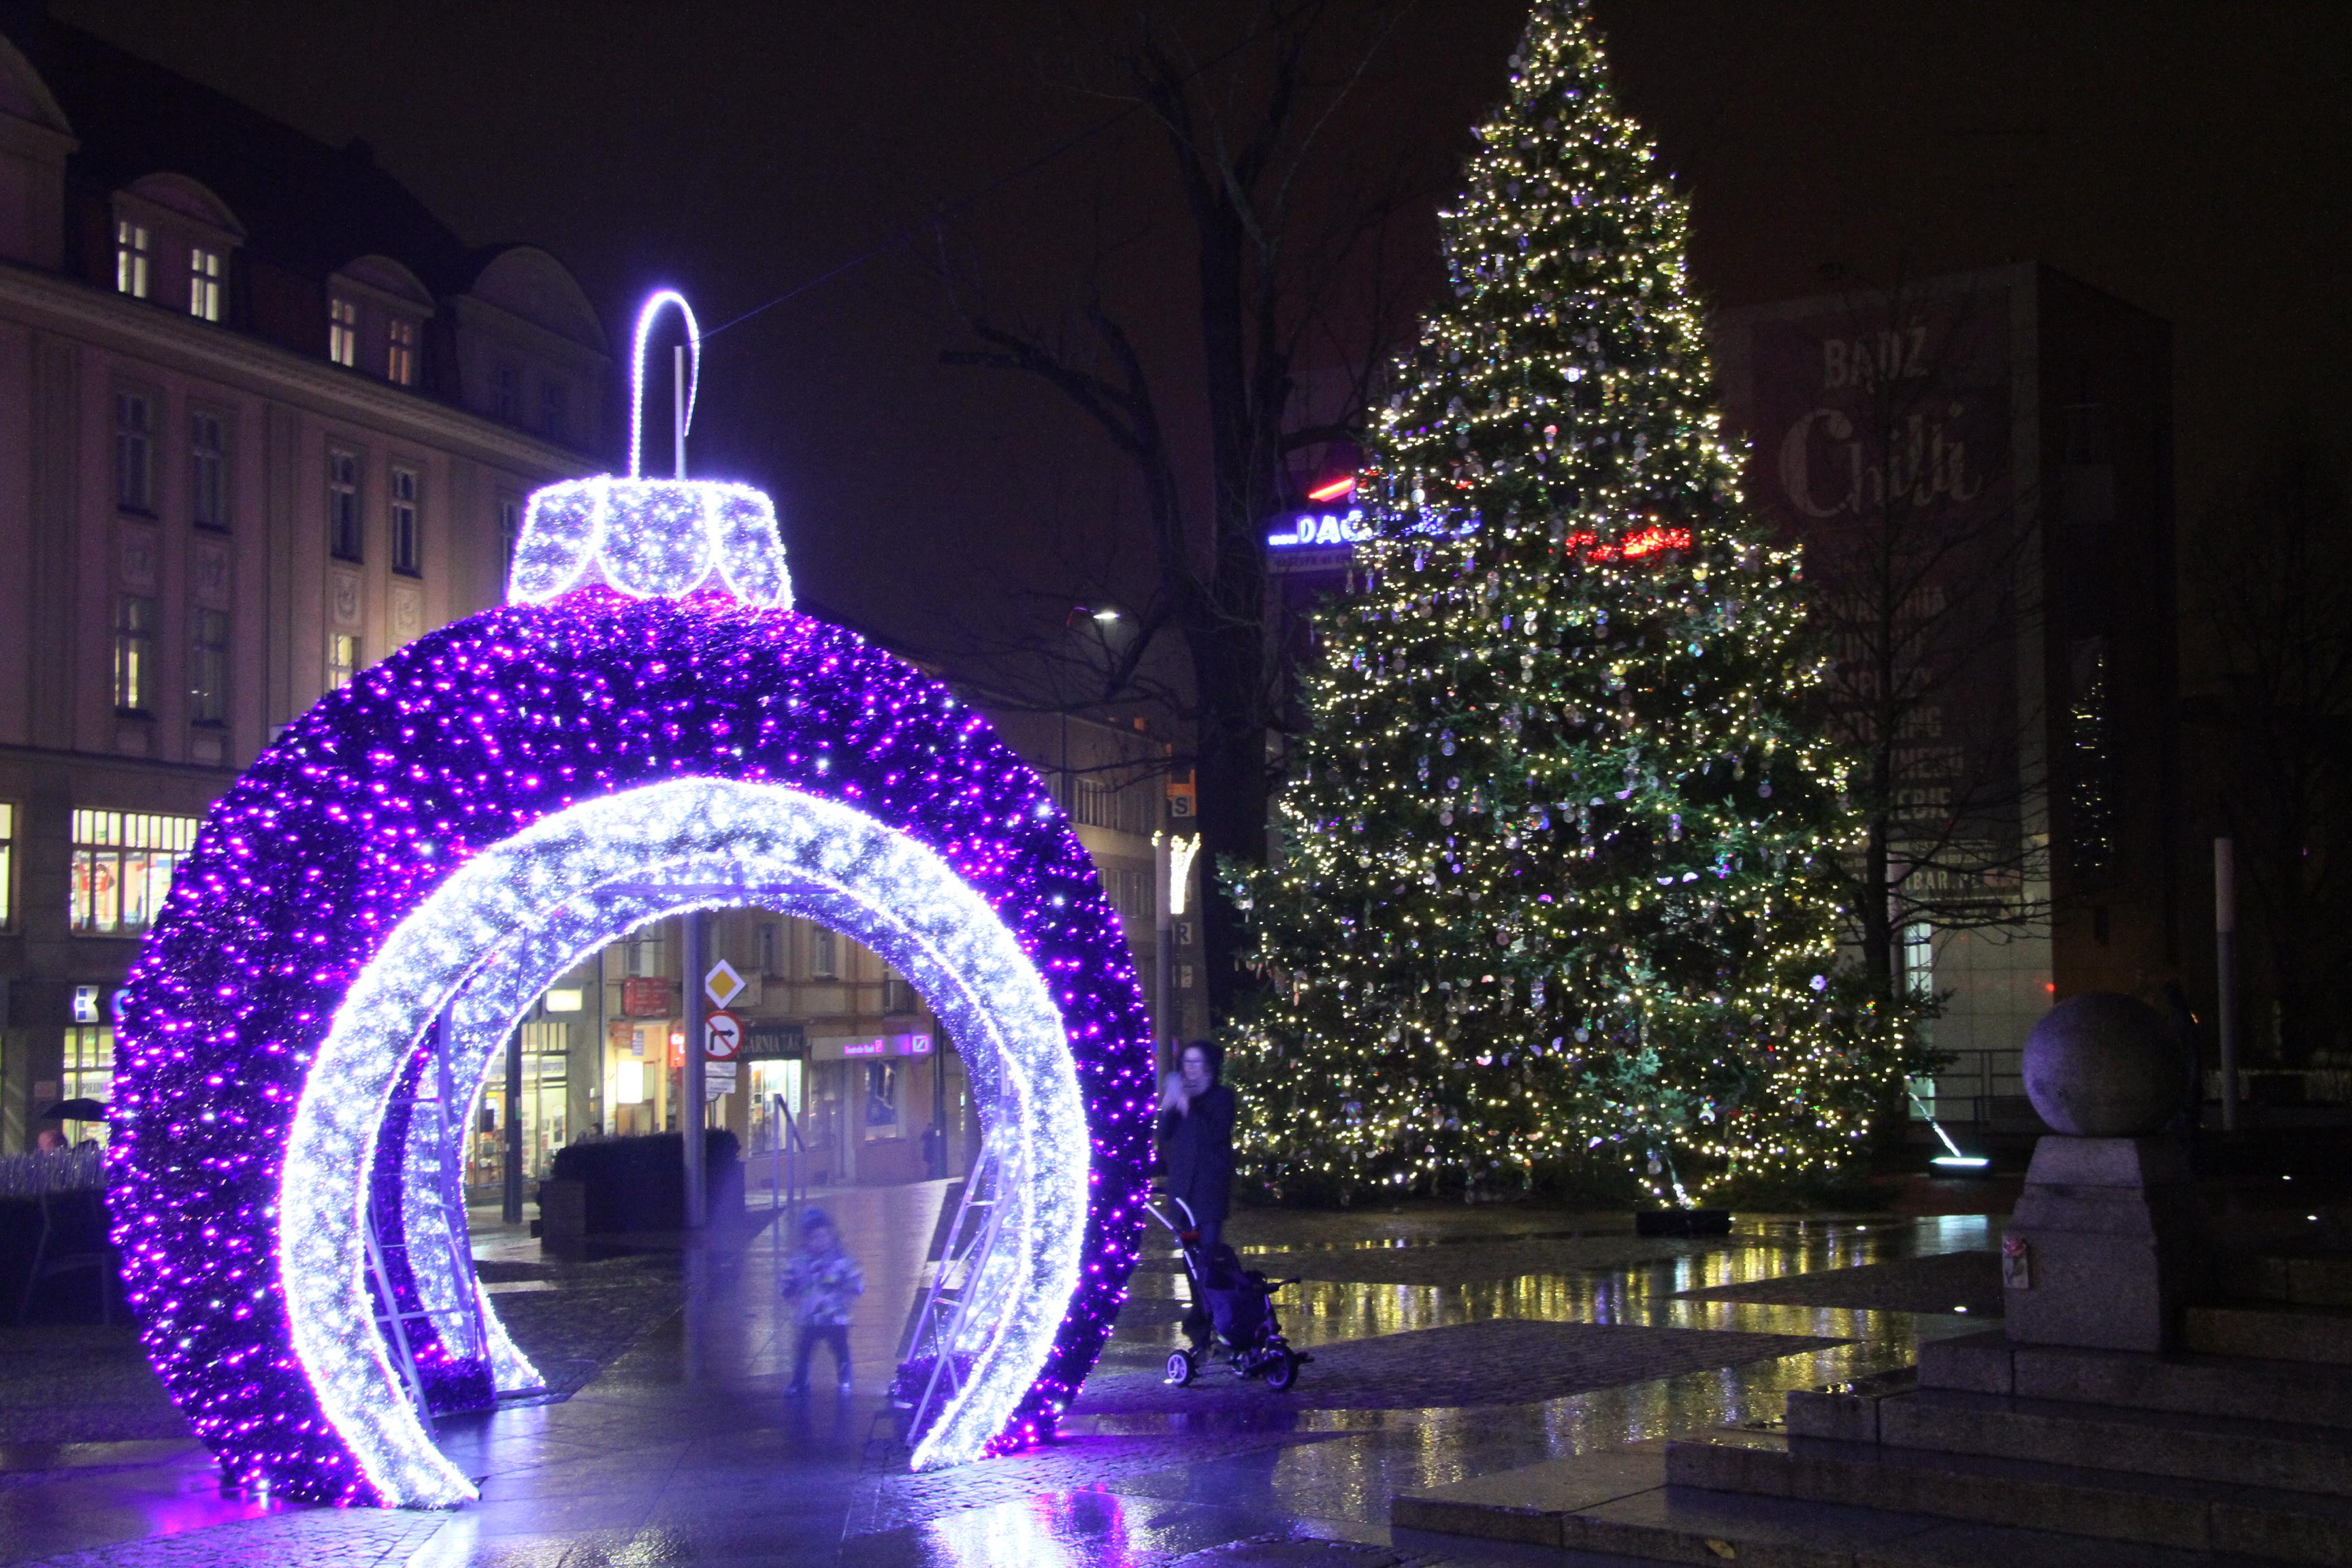 Rozpoczął się Warmiński Jarmark Świąteczny w Olsztynie! Sprawdź program i wszystkie atrakcje